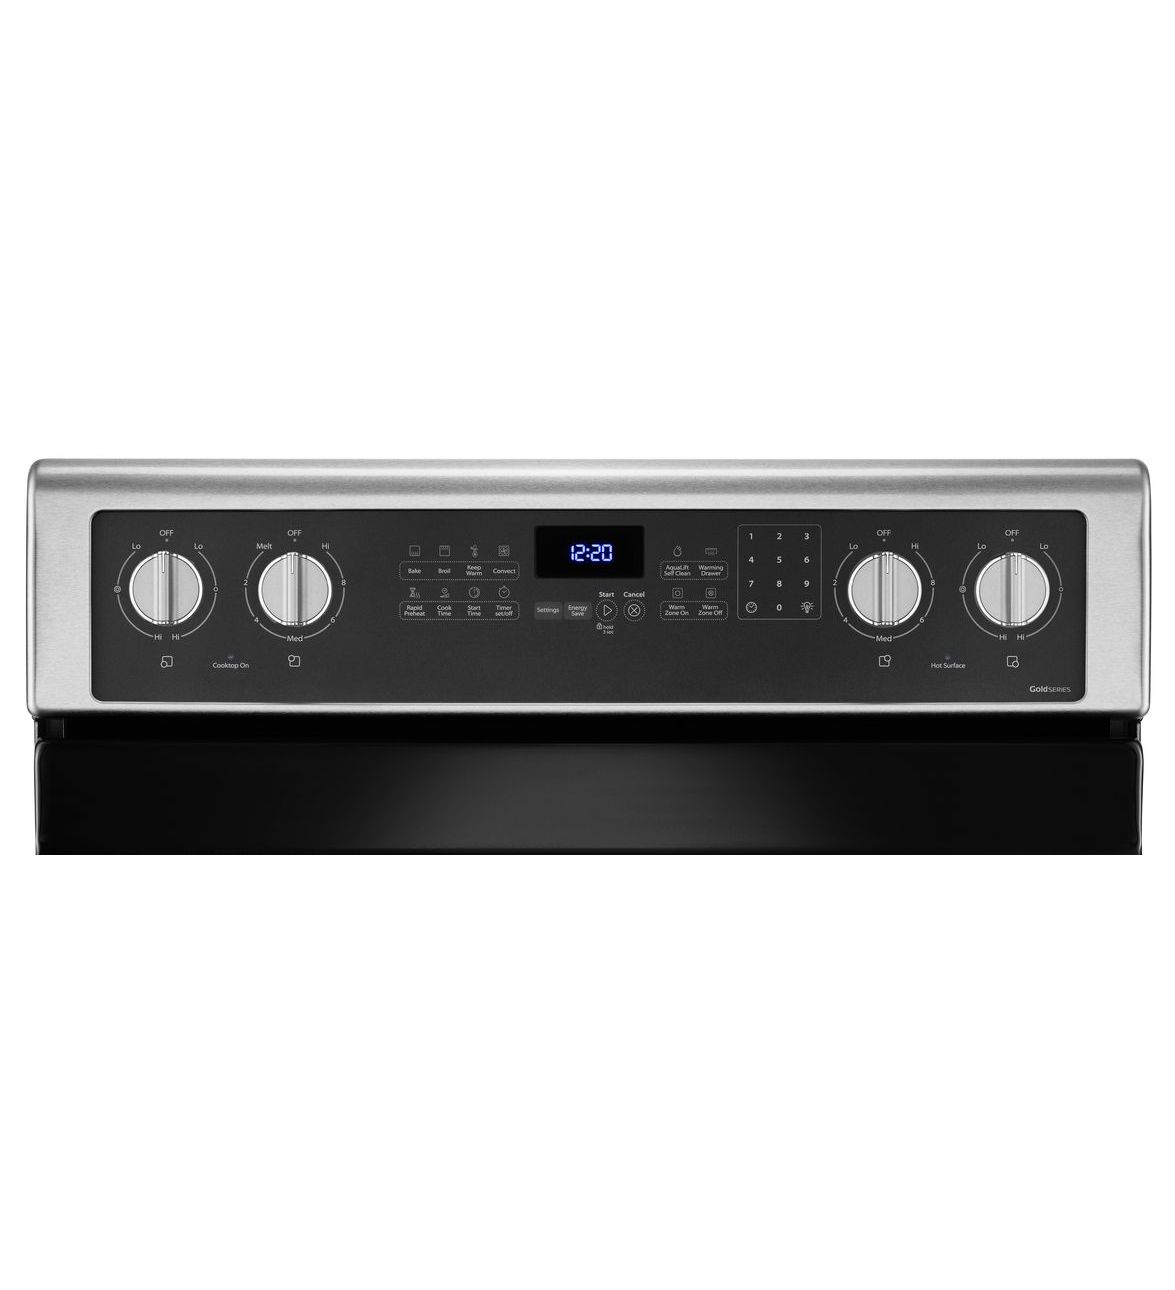 6.4 pi cu cuisinière électrique avec tiroir réchaud